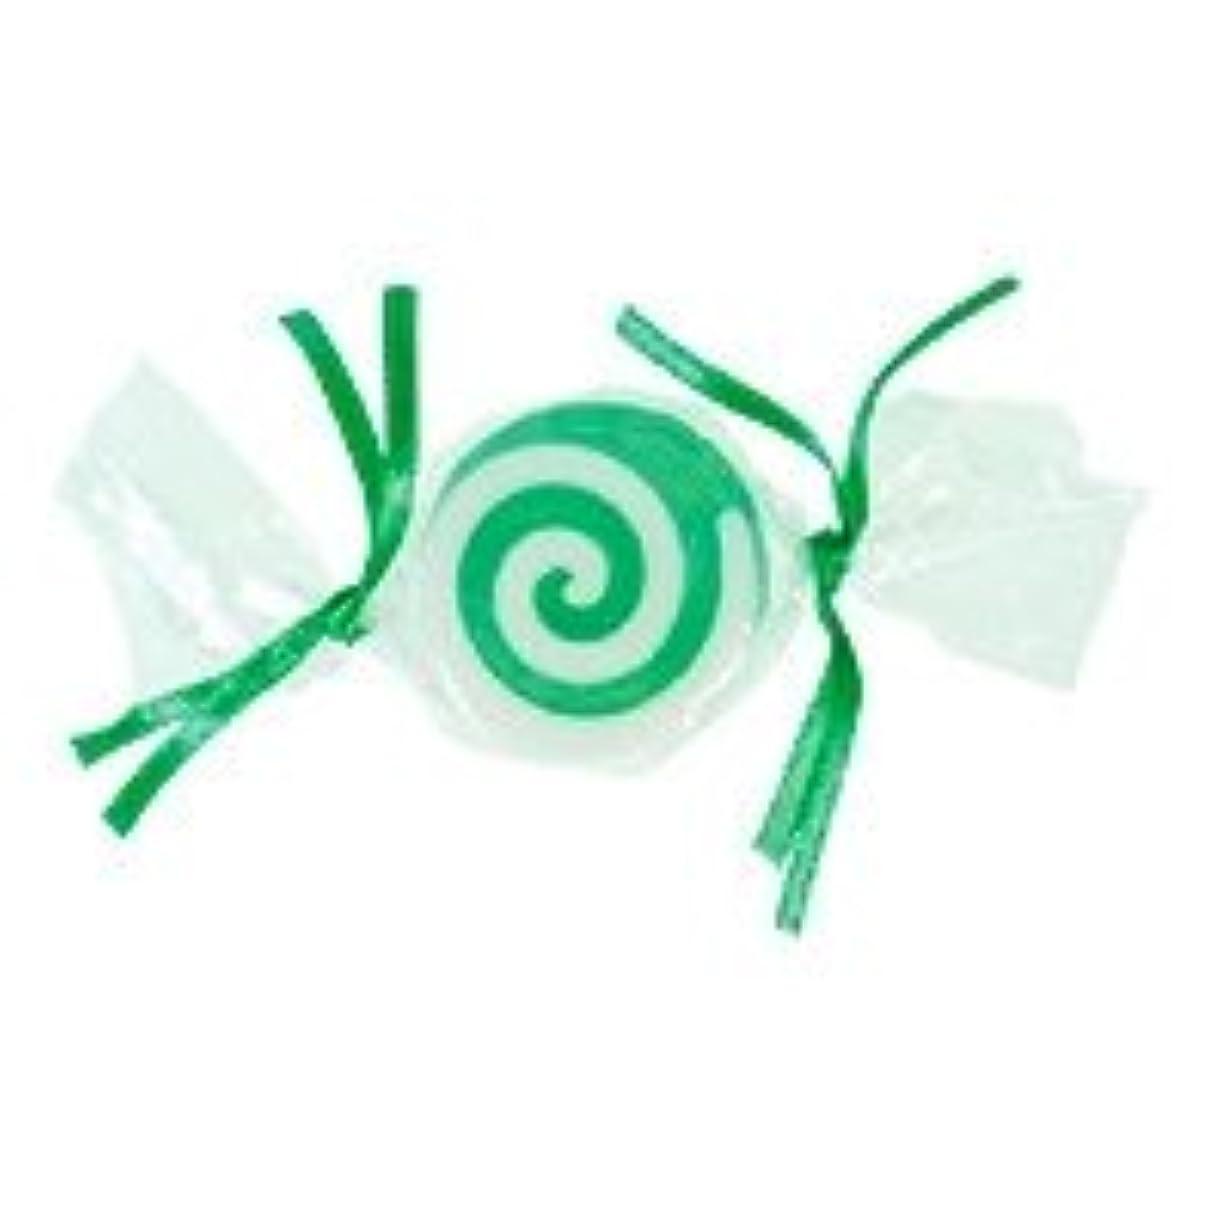 キネマティクストランスミッションリスキーなベジタブルソープ キャンディ「グリーン」20個セット グリーンアップルの香り